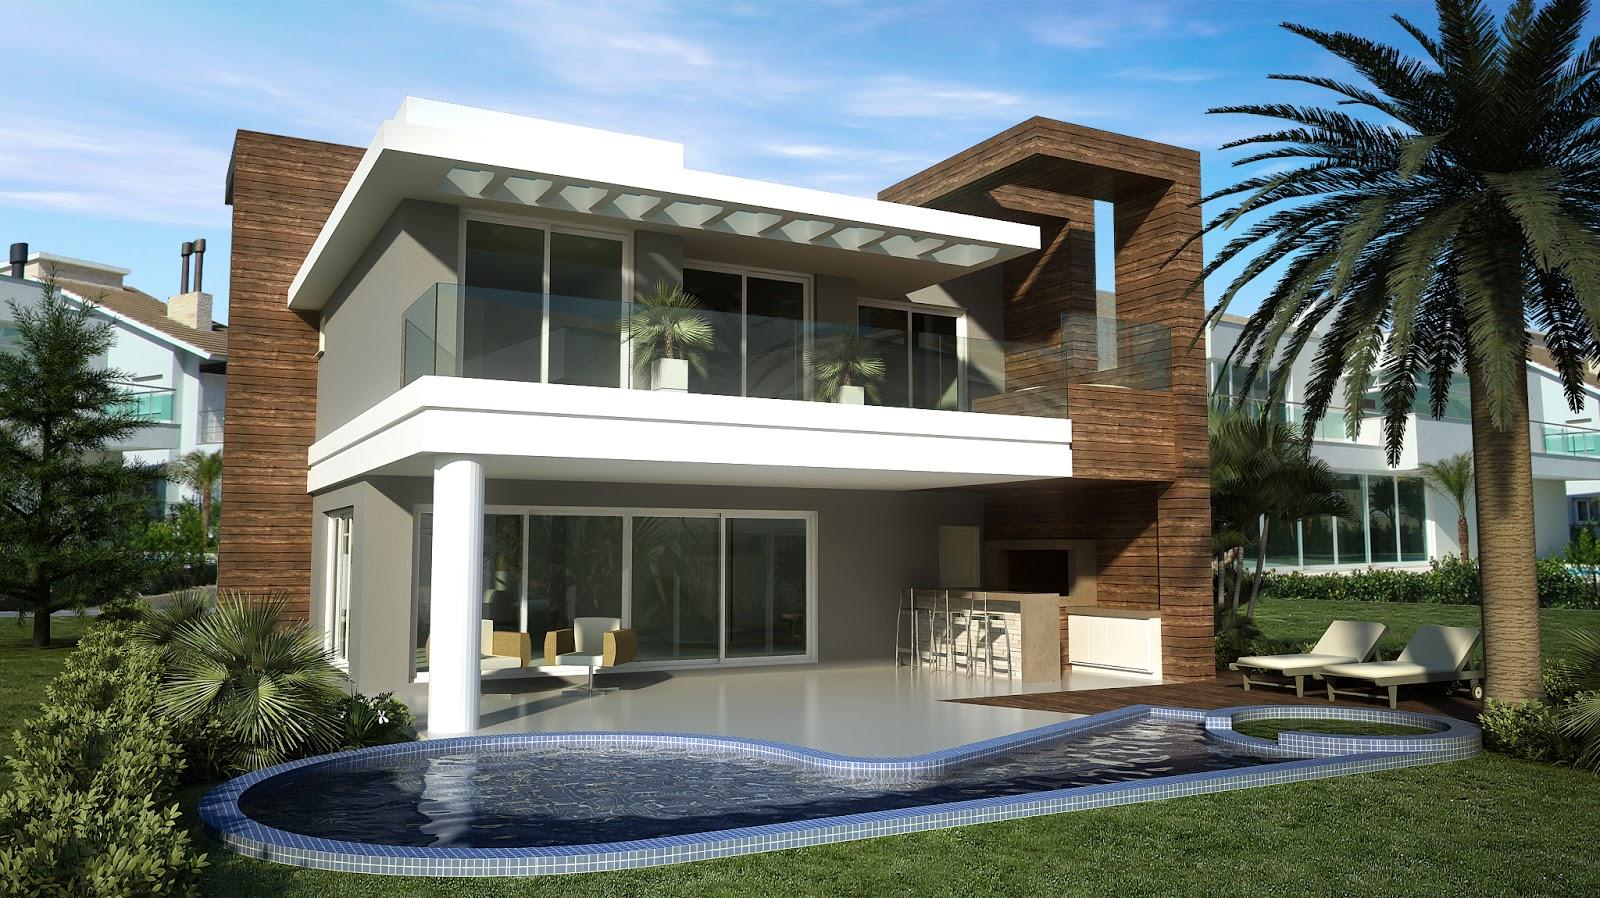 de investimentos: Casa de Luxo e Alto Padrão No Condomínio Enseada #206DAB 1600x898 Banheiro Container A Venda